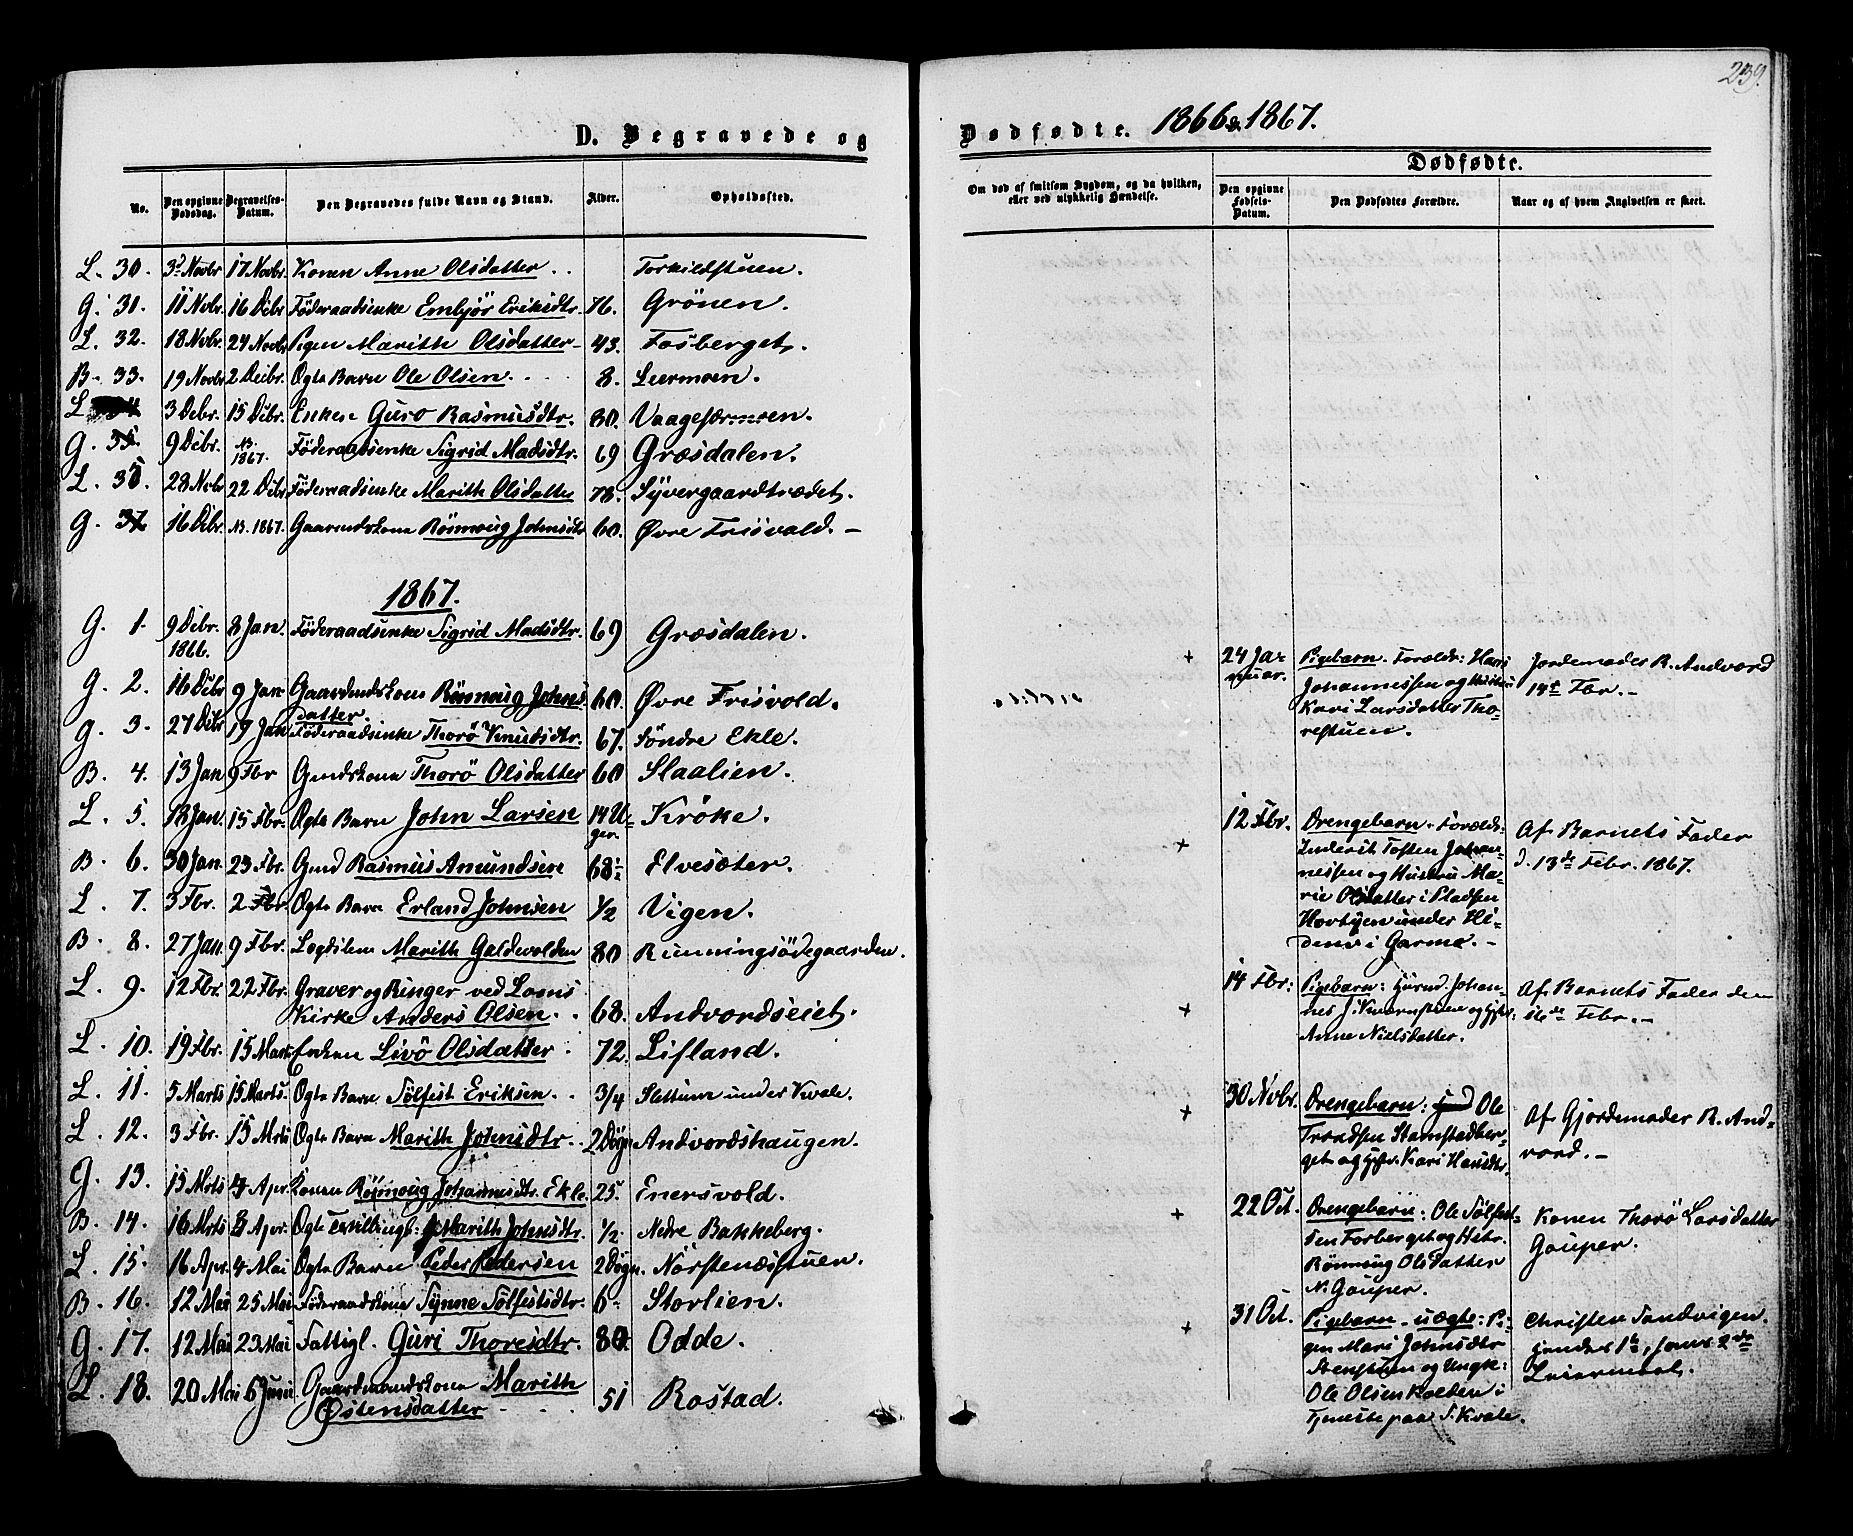 SAH, Lom prestekontor, K/L0007: Ministerialbok nr. 7, 1863-1884, s. 239